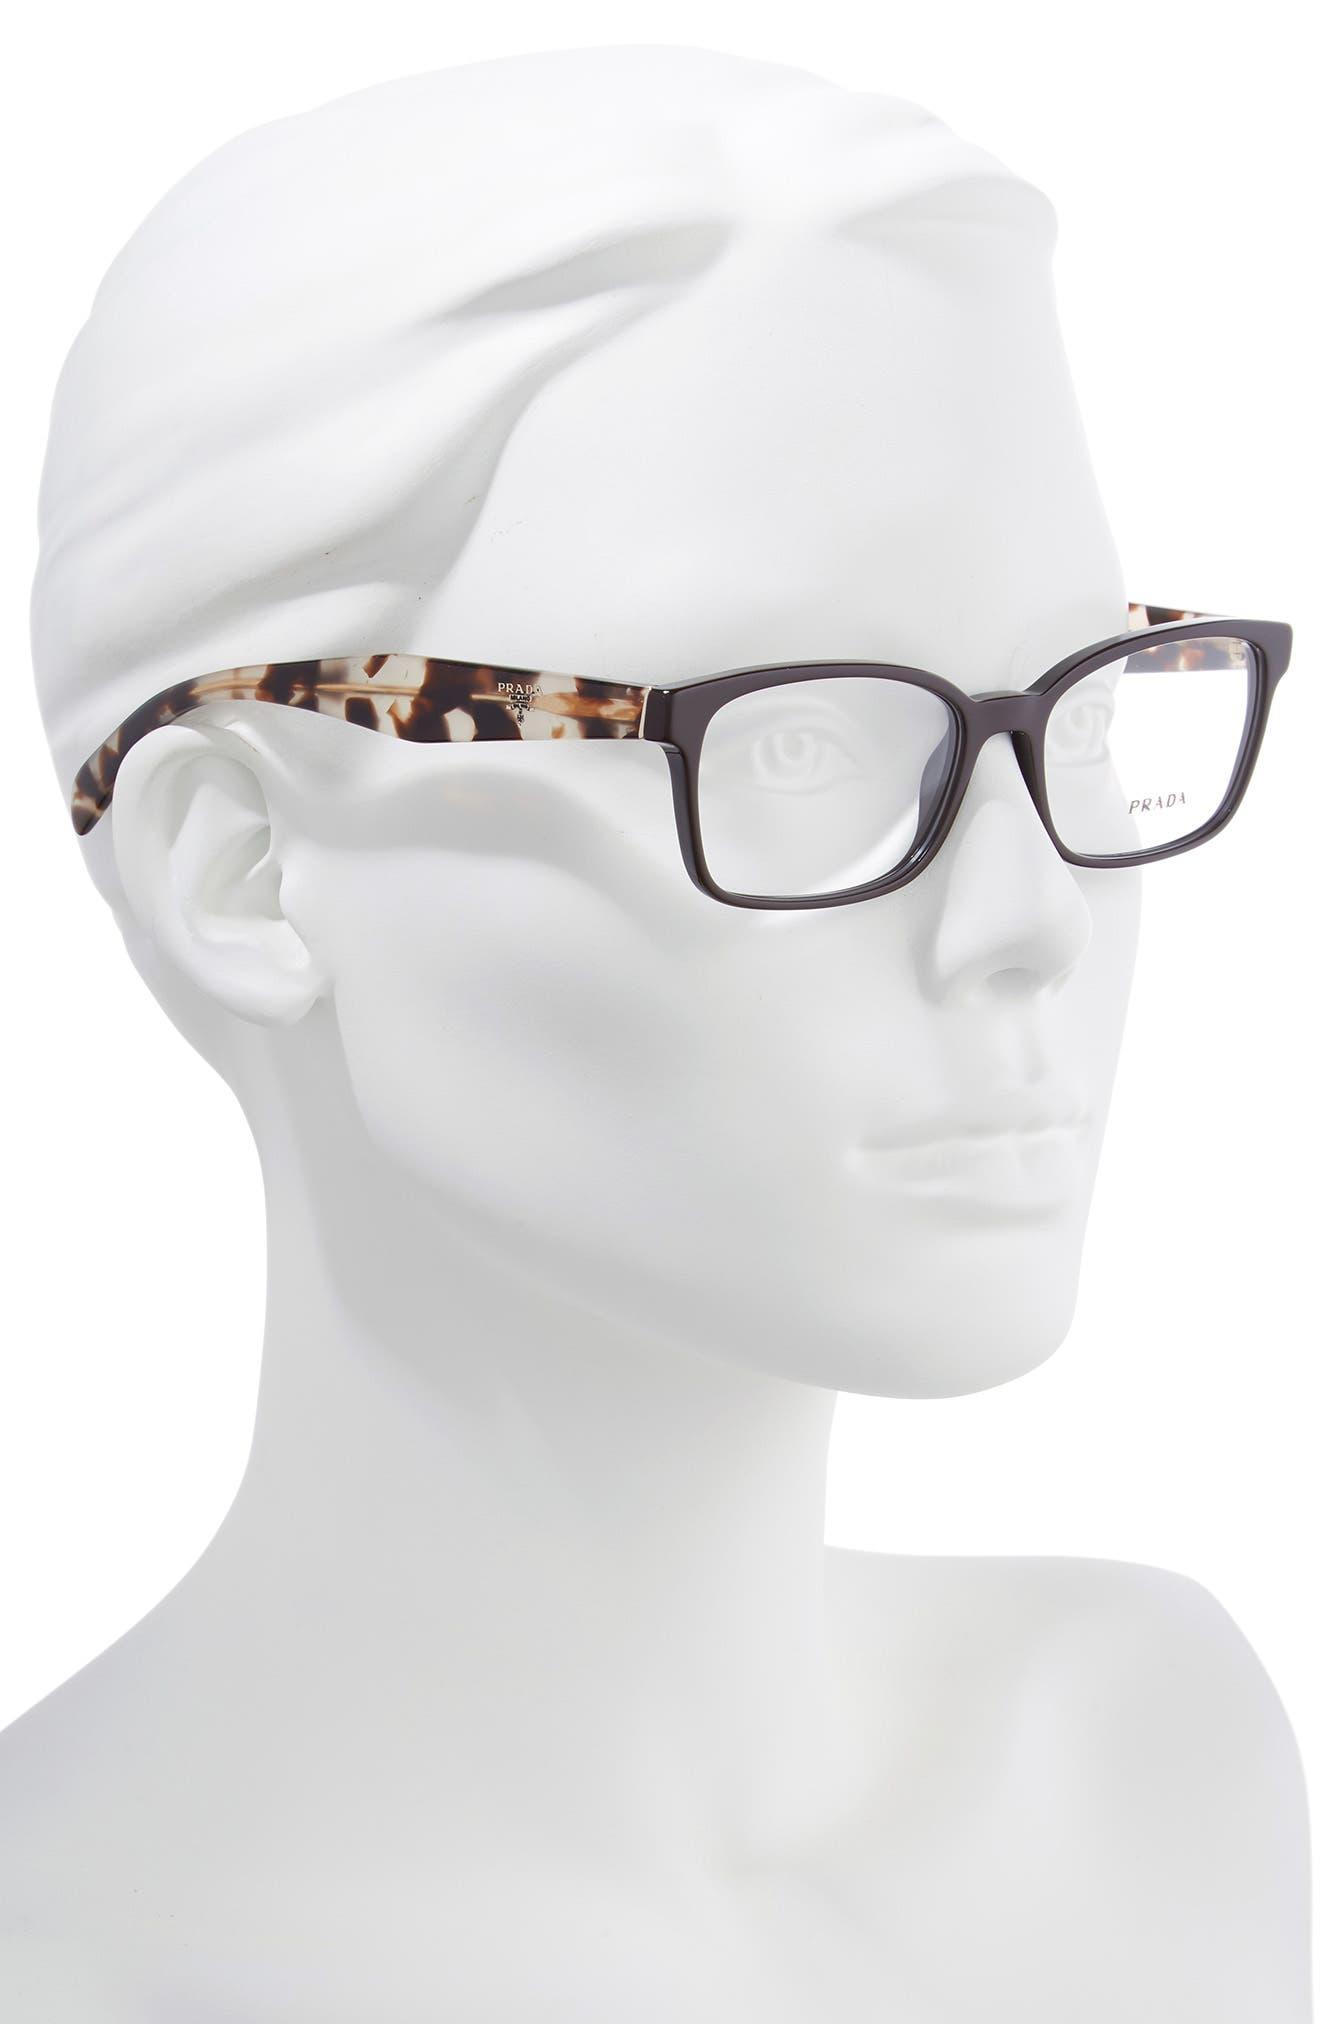 017a66be48c40 Prada Sunglasses for Women